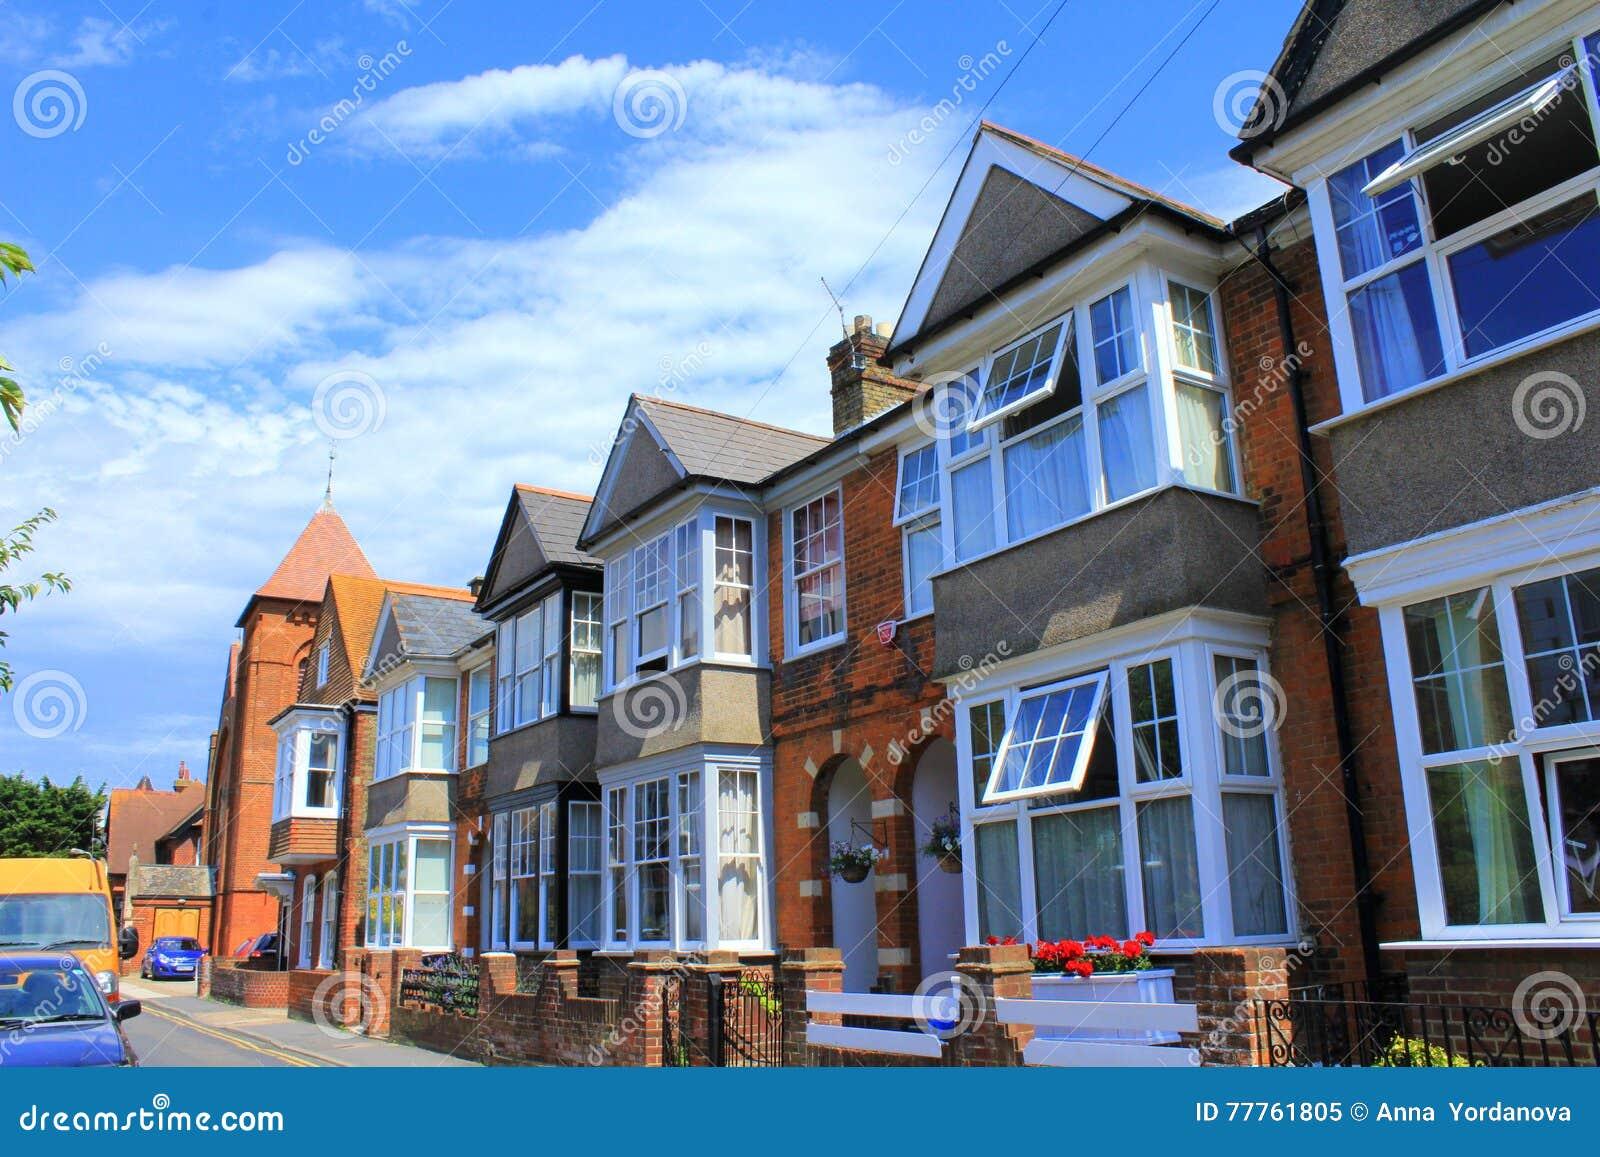 Casas inglesas stock images 504 photos - Imagenes de casas inglesas ...